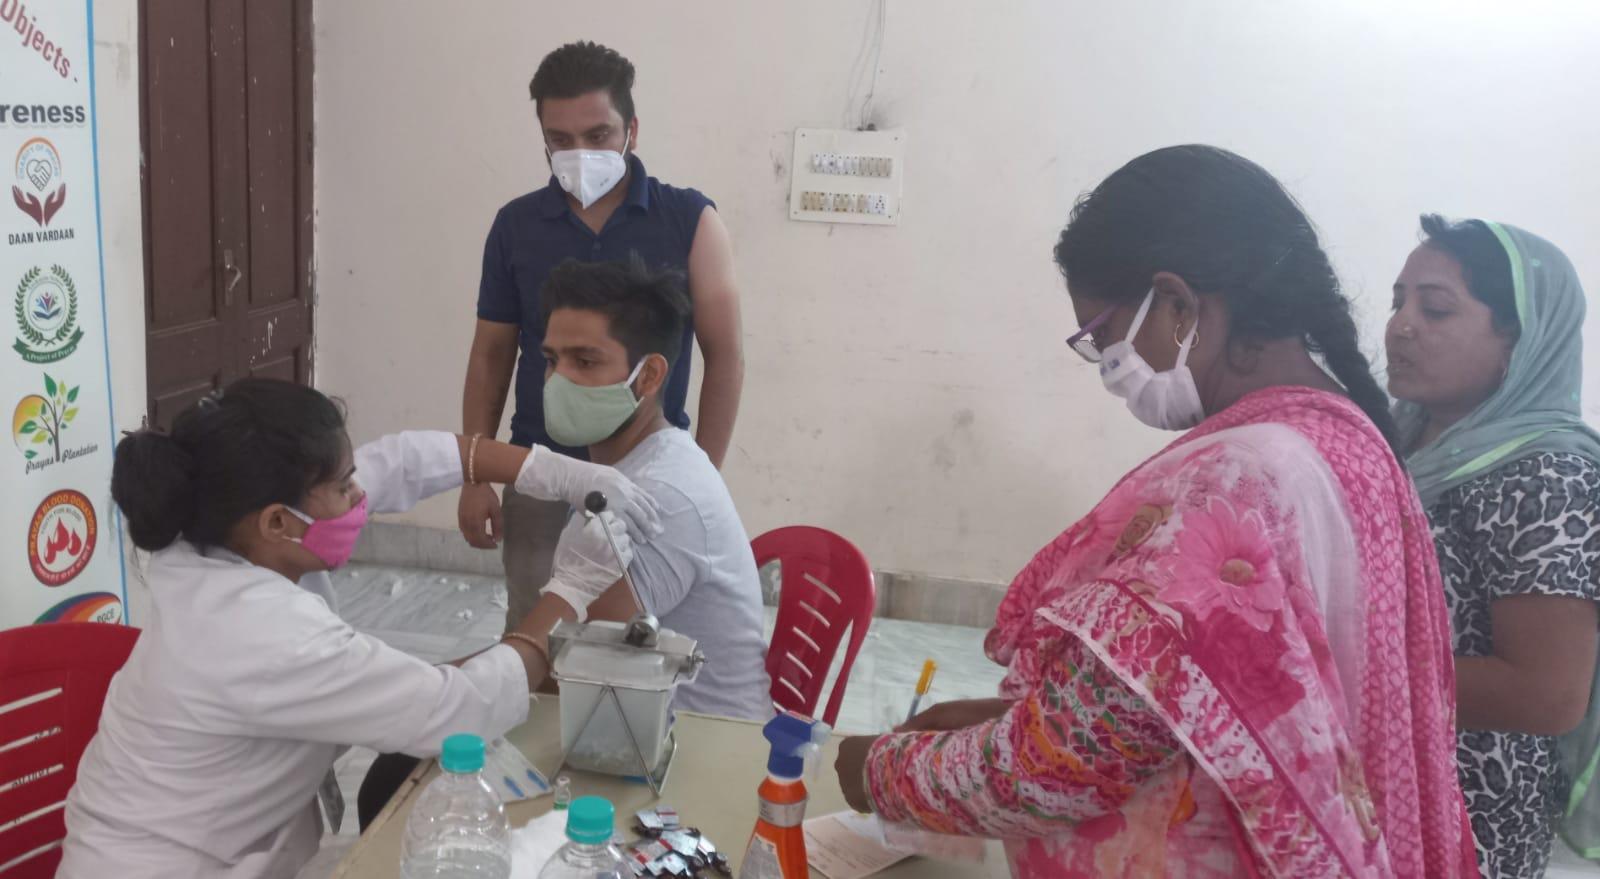 177 केंद्रों पर लगाई जाएगी 30 हजार लोगों का वैक्सीनेशन, अब तक 7 लाख 60 से ज्यादा डोज लगाई गई|मथुरा,Mathura - Dainik Bhaskar